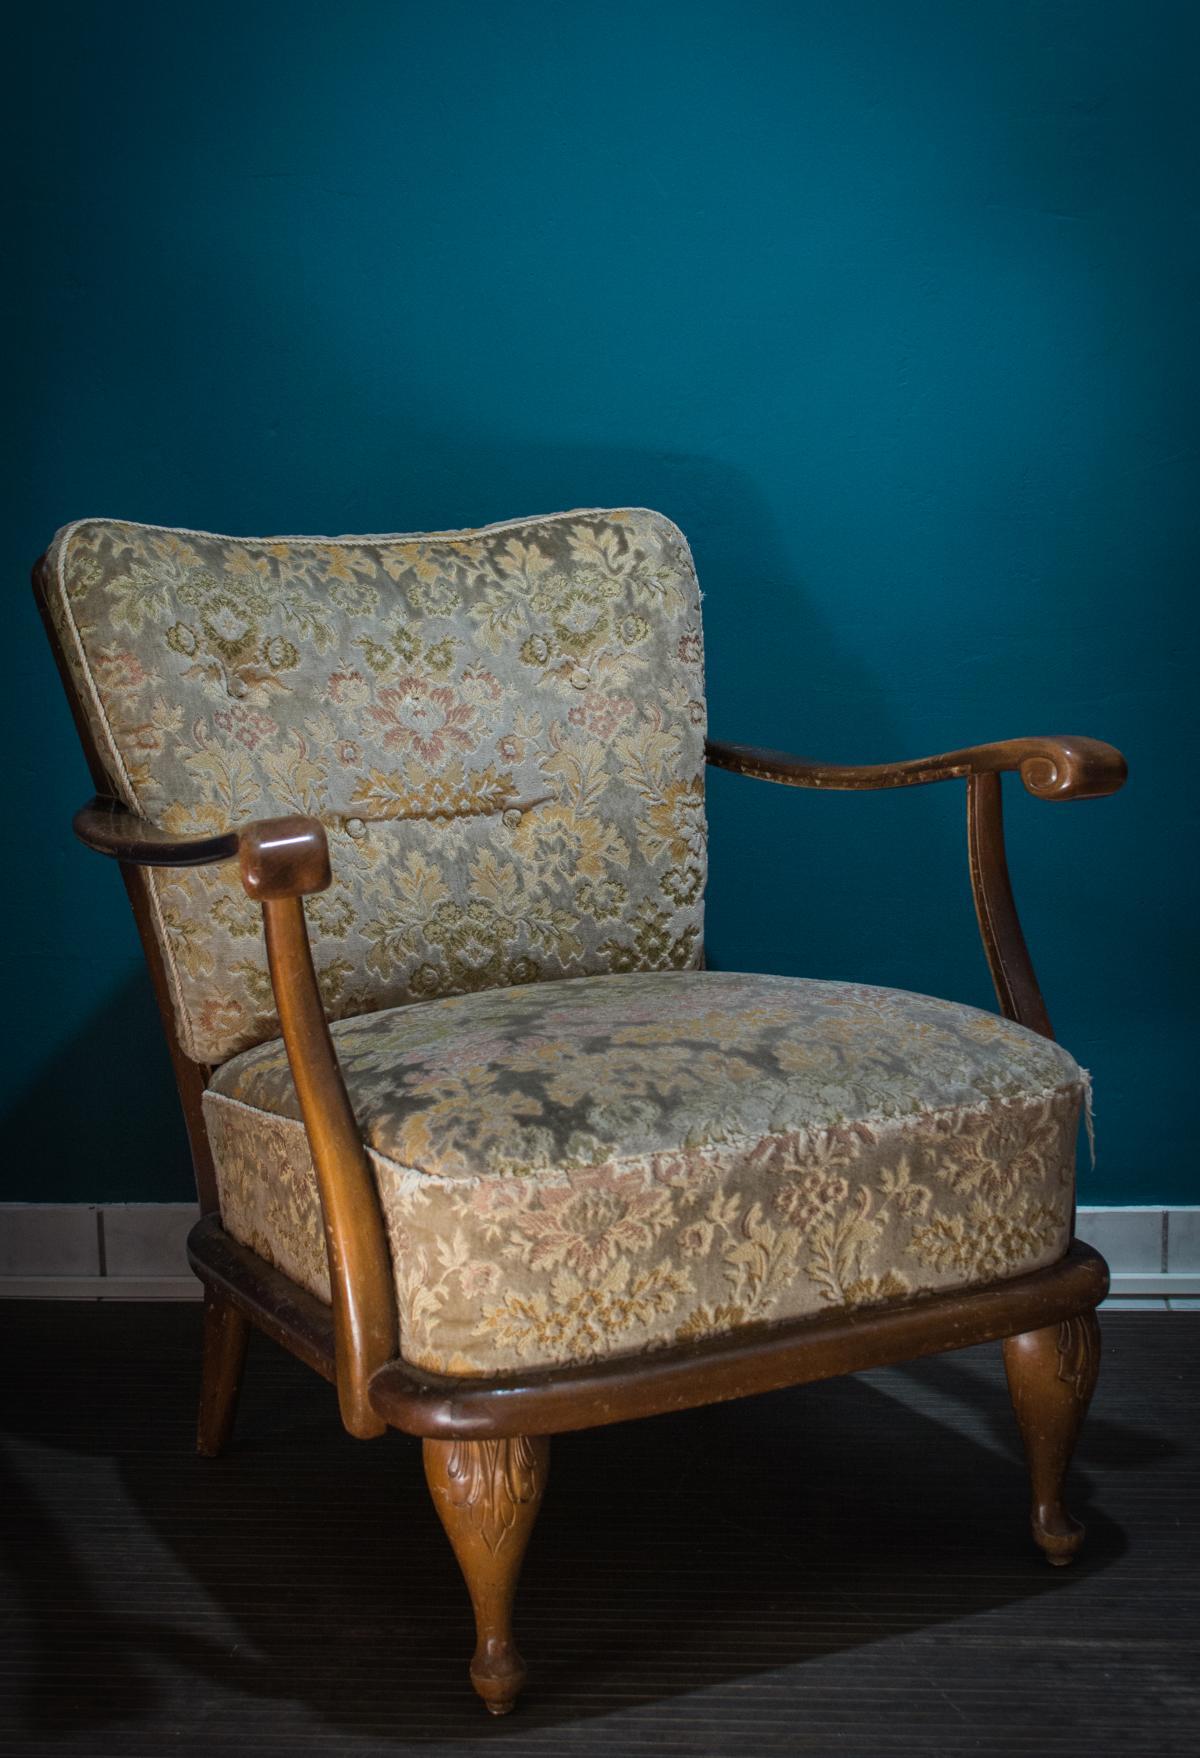 kann ich mit acrylfarbe auf stoff malen ostseesuche com. Black Bedroom Furniture Sets. Home Design Ideas